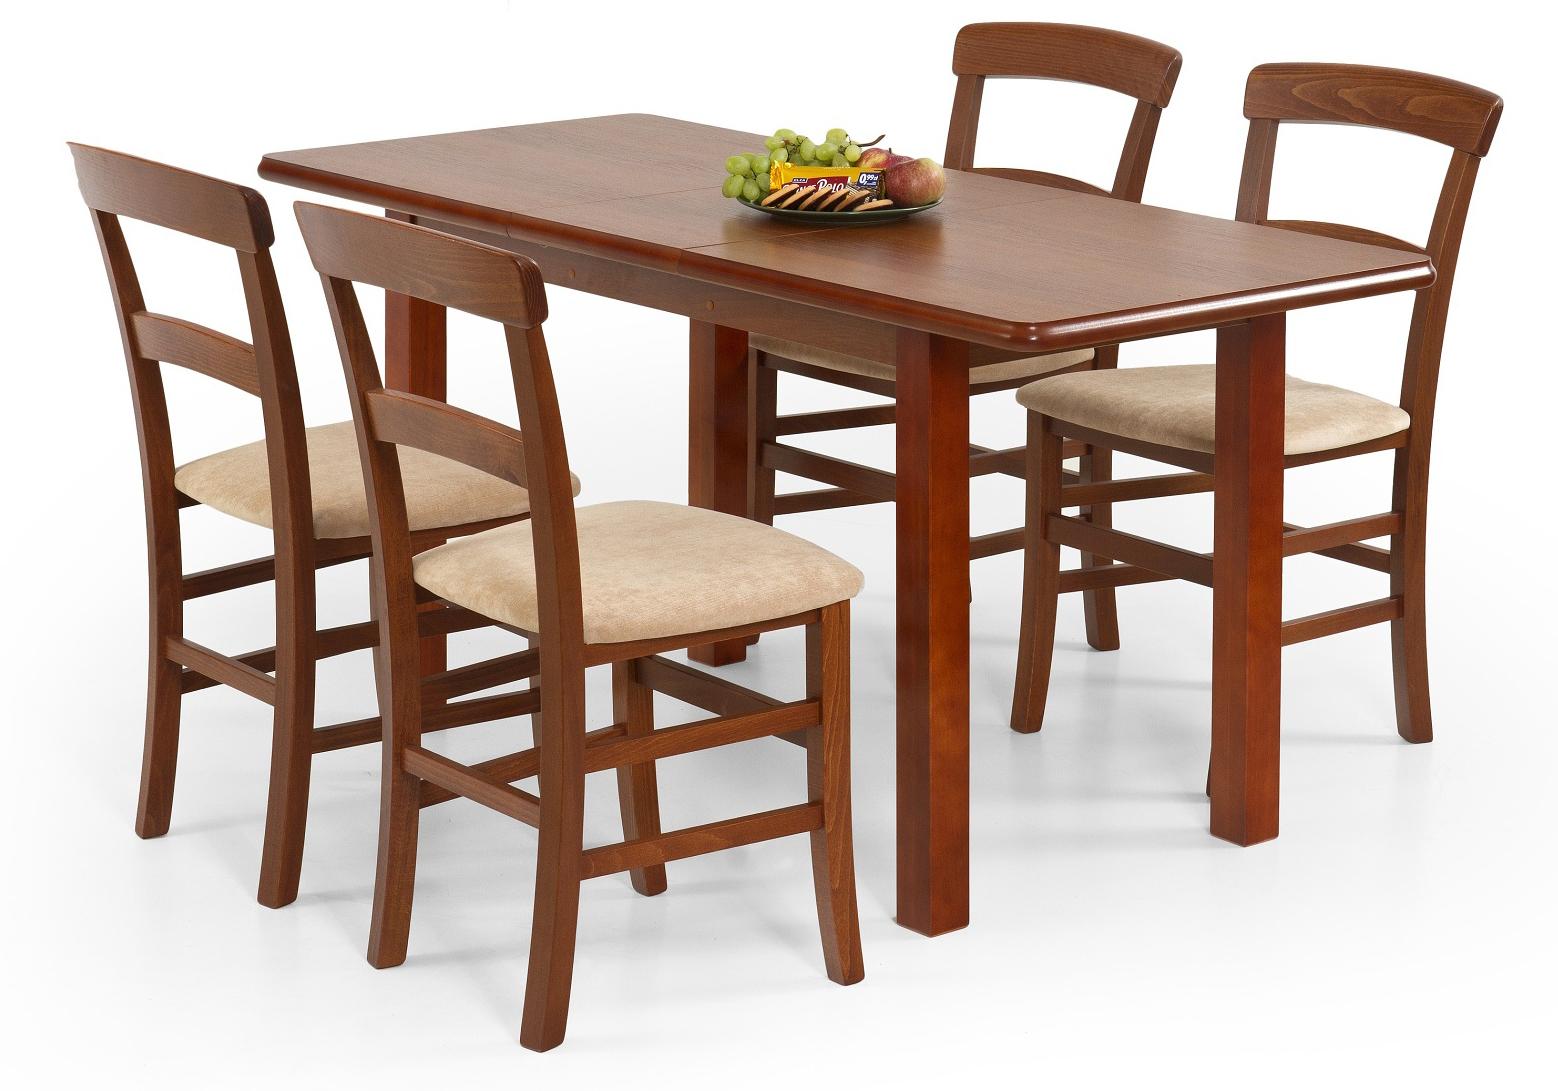 Jedálenský stôl - Halmar - Dinner 120/158 (pre 4 až 6 osôb). Sme autorizovaný predajca Halmar. Vlastná spoľahlivá doprava až k Vám domov.